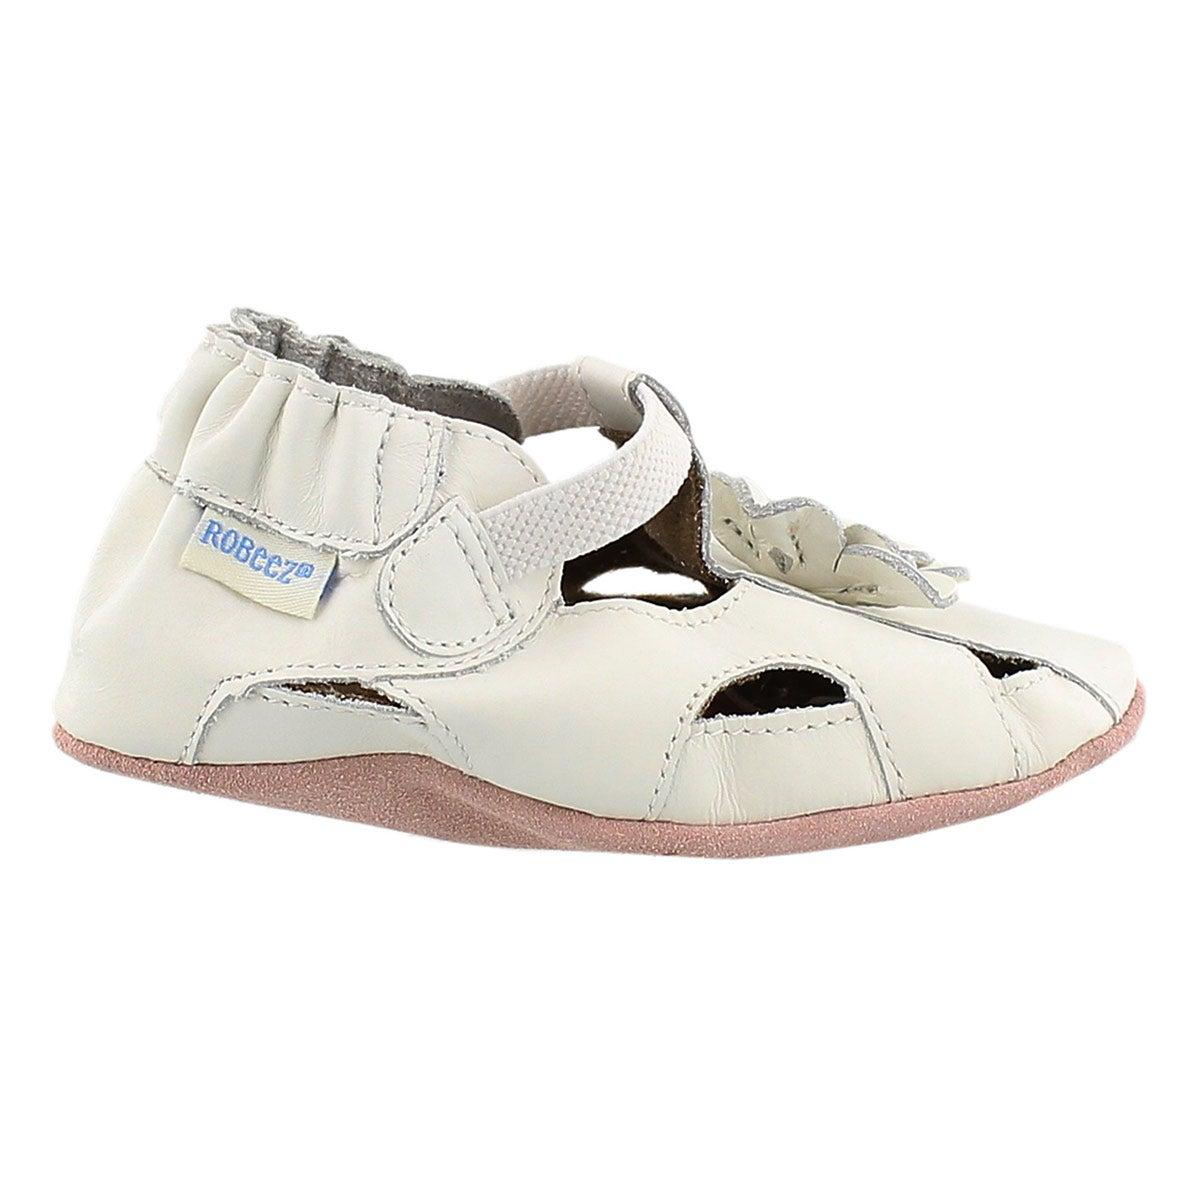 Infs-g Pretty Pansy white soft slipper